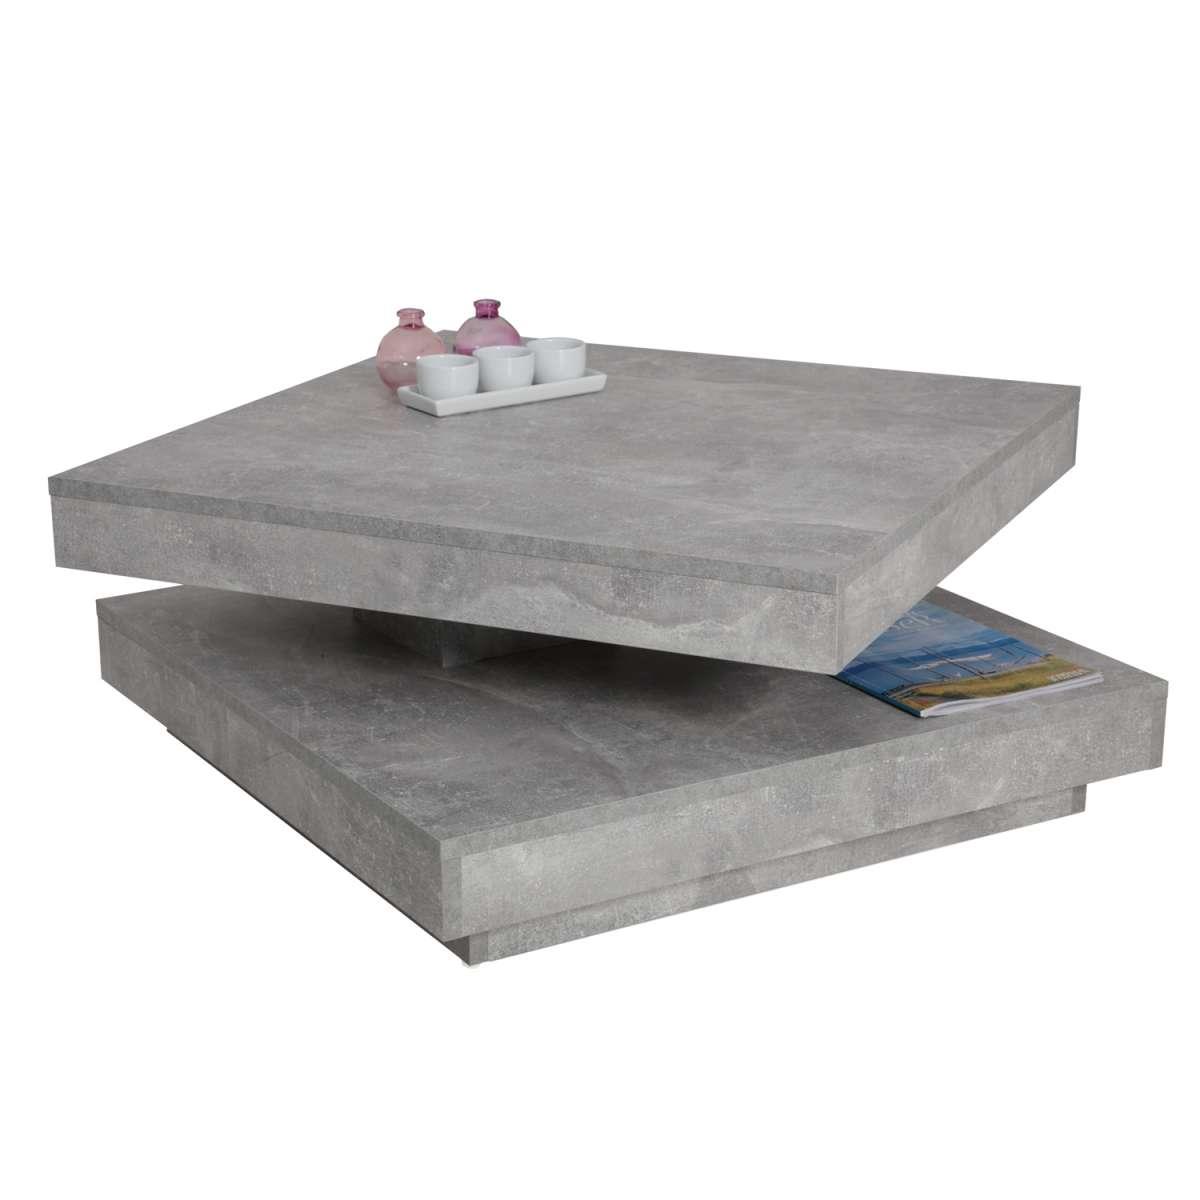 couchtisch in moderner beton optik zement wohnzimmertisch 110x70cm smash. Black Bedroom Furniture Sets. Home Design Ideas